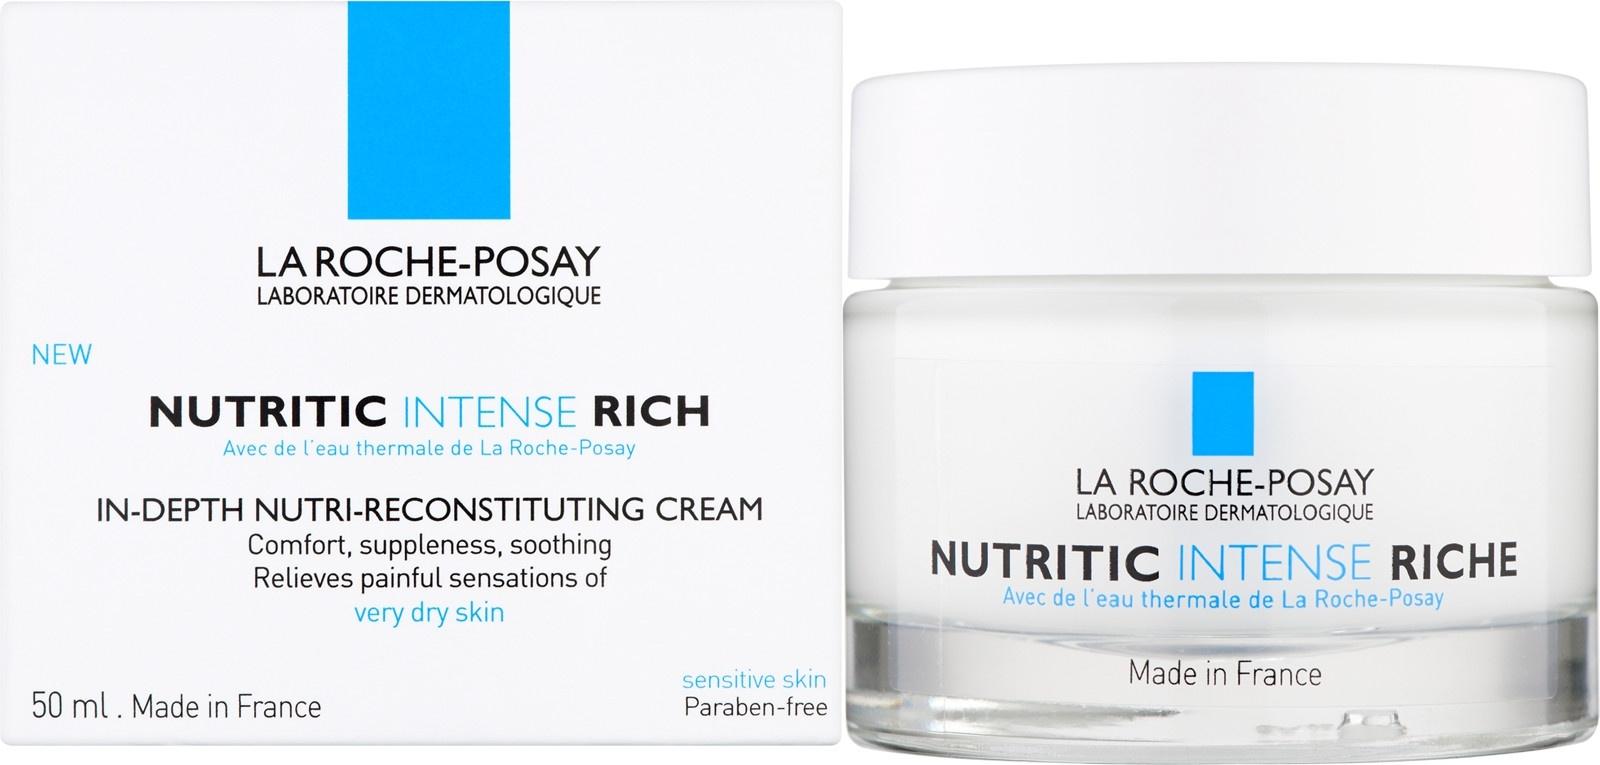 La Roche-Posay Nutritic Intense Rich Cream 50ml